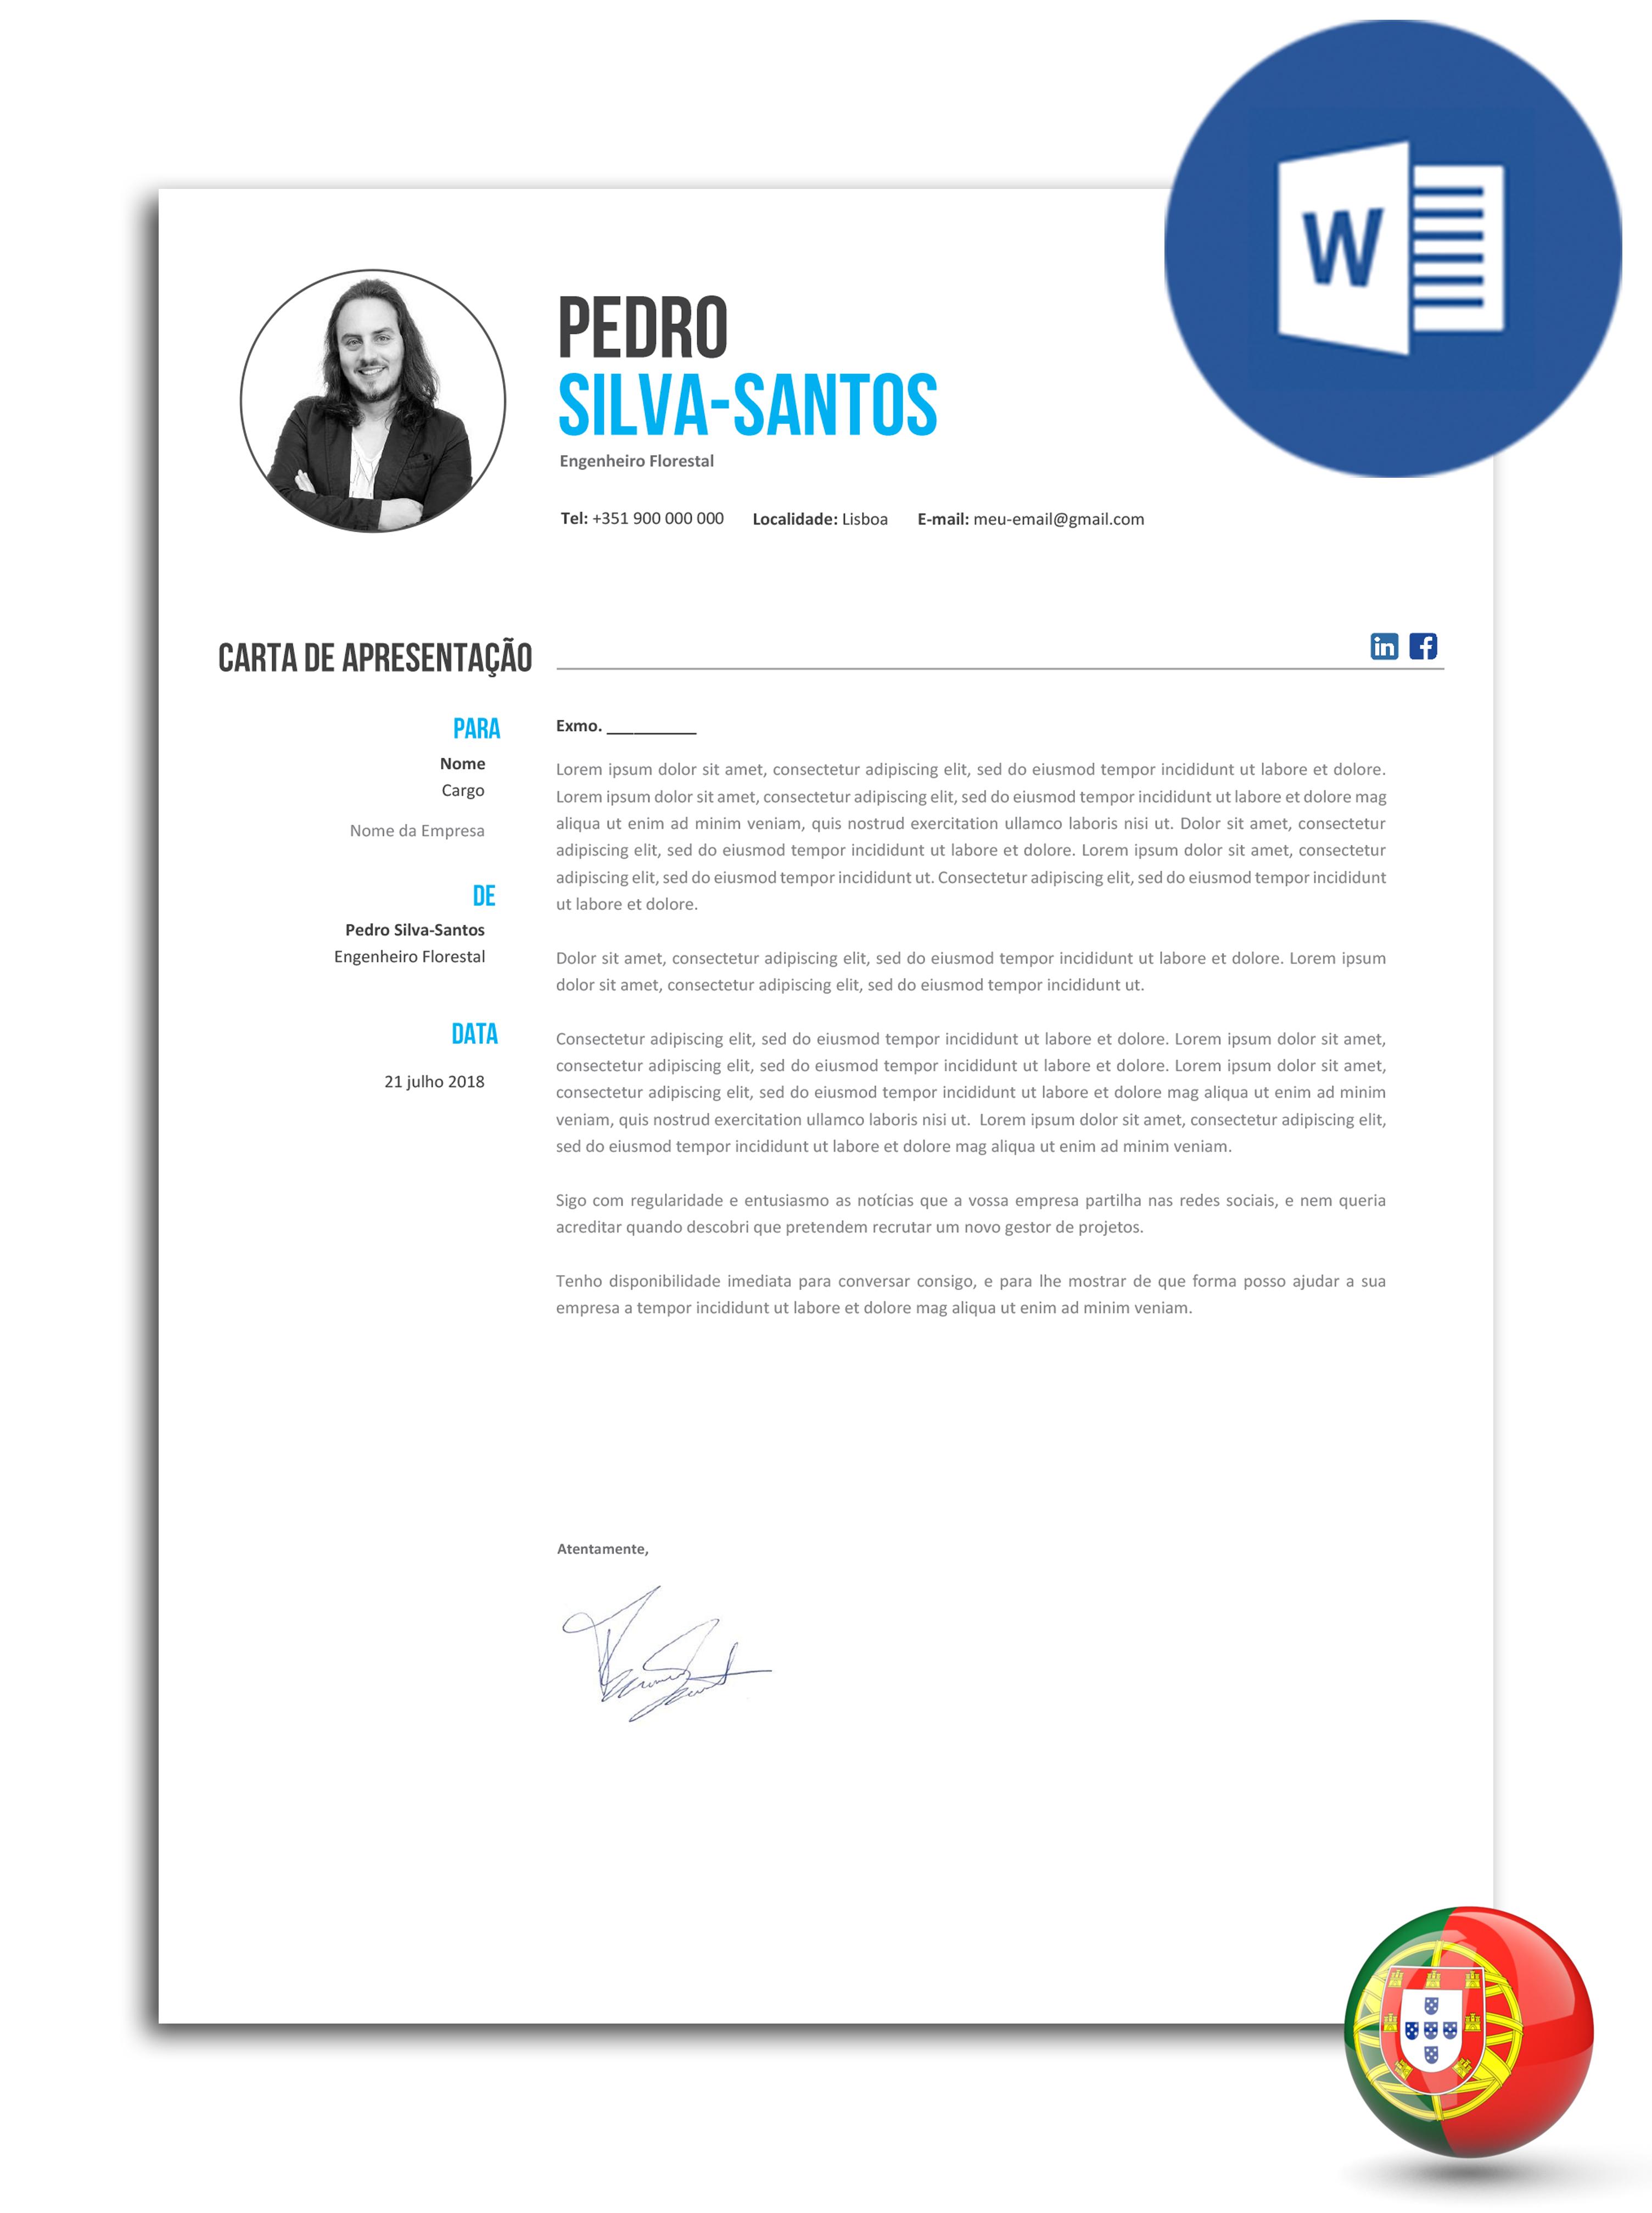 modelo de carta apresentacao_DO-004